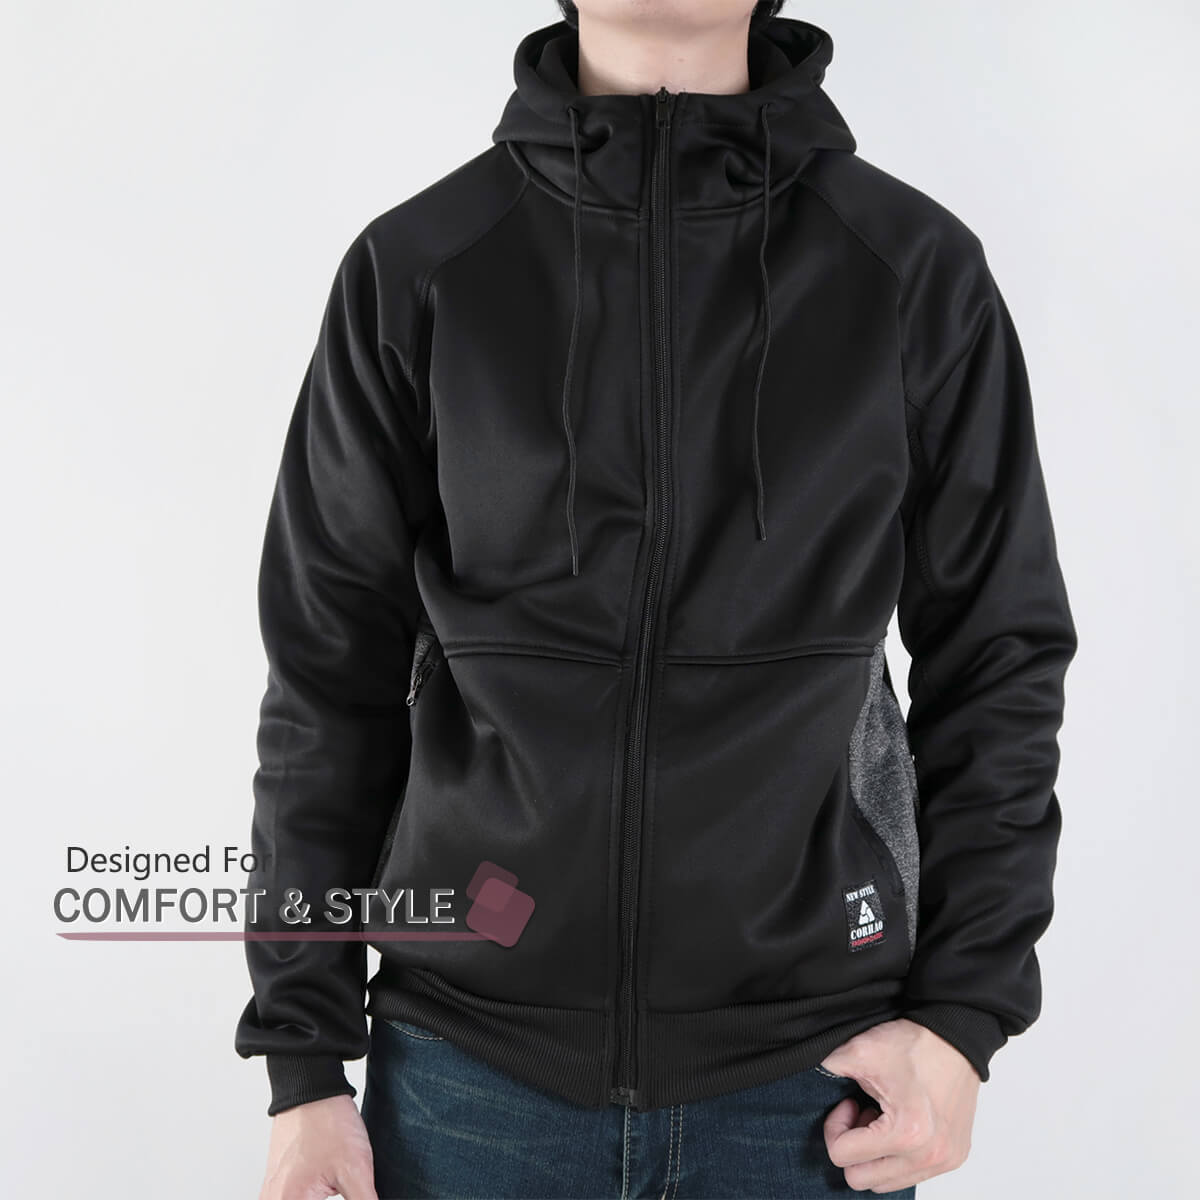 內刷毛連帽保暖外套 夾克外套 運動外套 休閒連帽外套 刷毛外套 黑色外套 時尚穿搭 WARM FLEECE LINED JACKETS (321-8916-01)淺灰色、(321-8916-02)深灰色、(321-8916-03)黑色 L XL 2L(胸圍46~50英吋) [實體店面保障] sun-e 7